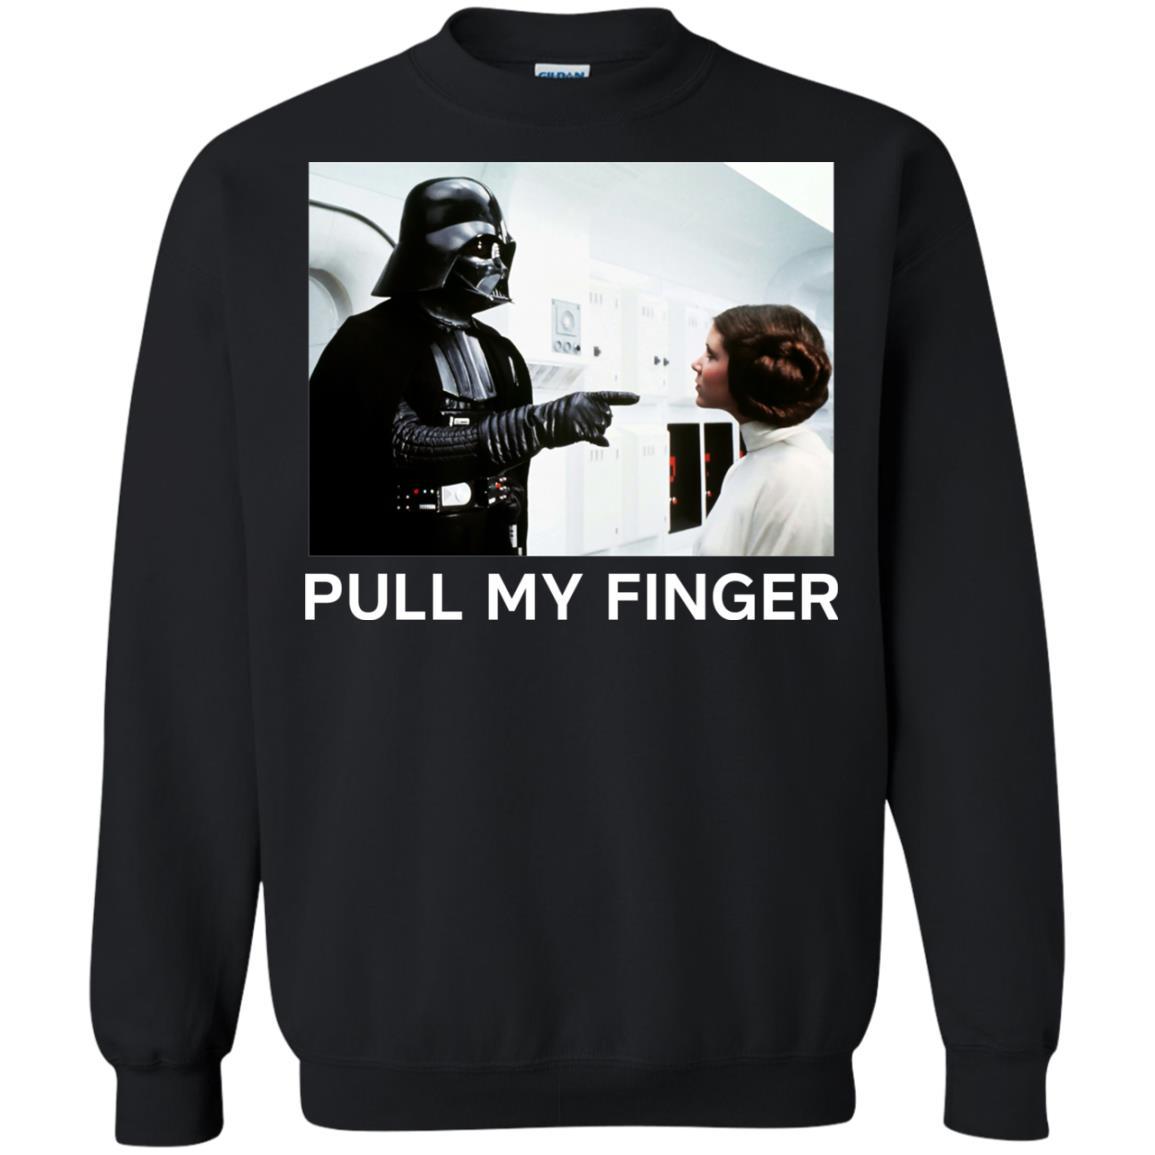 image 537 - Star Wars Darth Vader & Princess Leia: Pull My Finger shirt